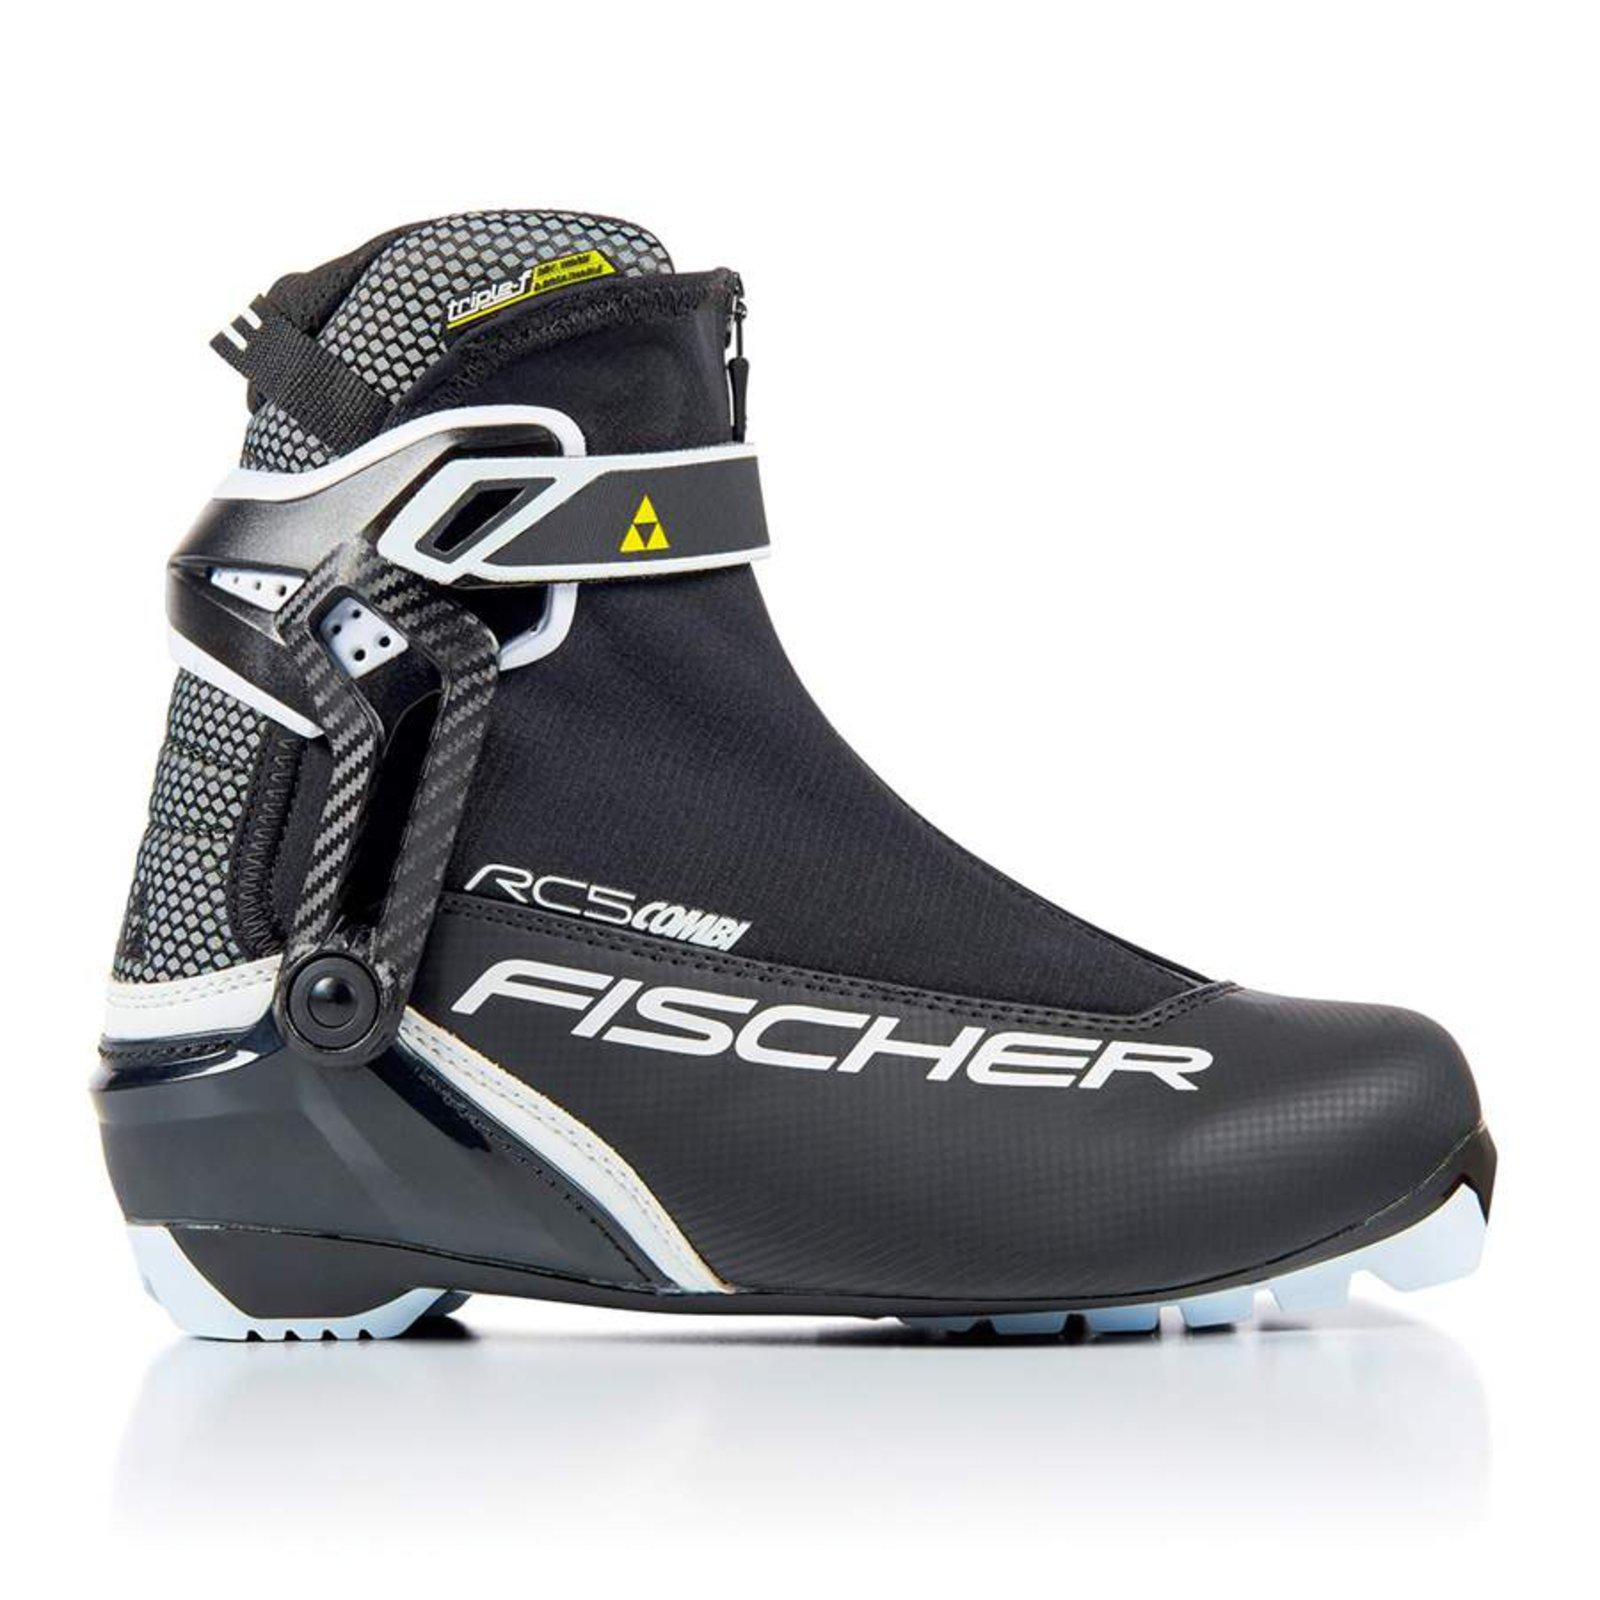 Běžecké boty FISCHER RC5 COMBI da9dacdeba